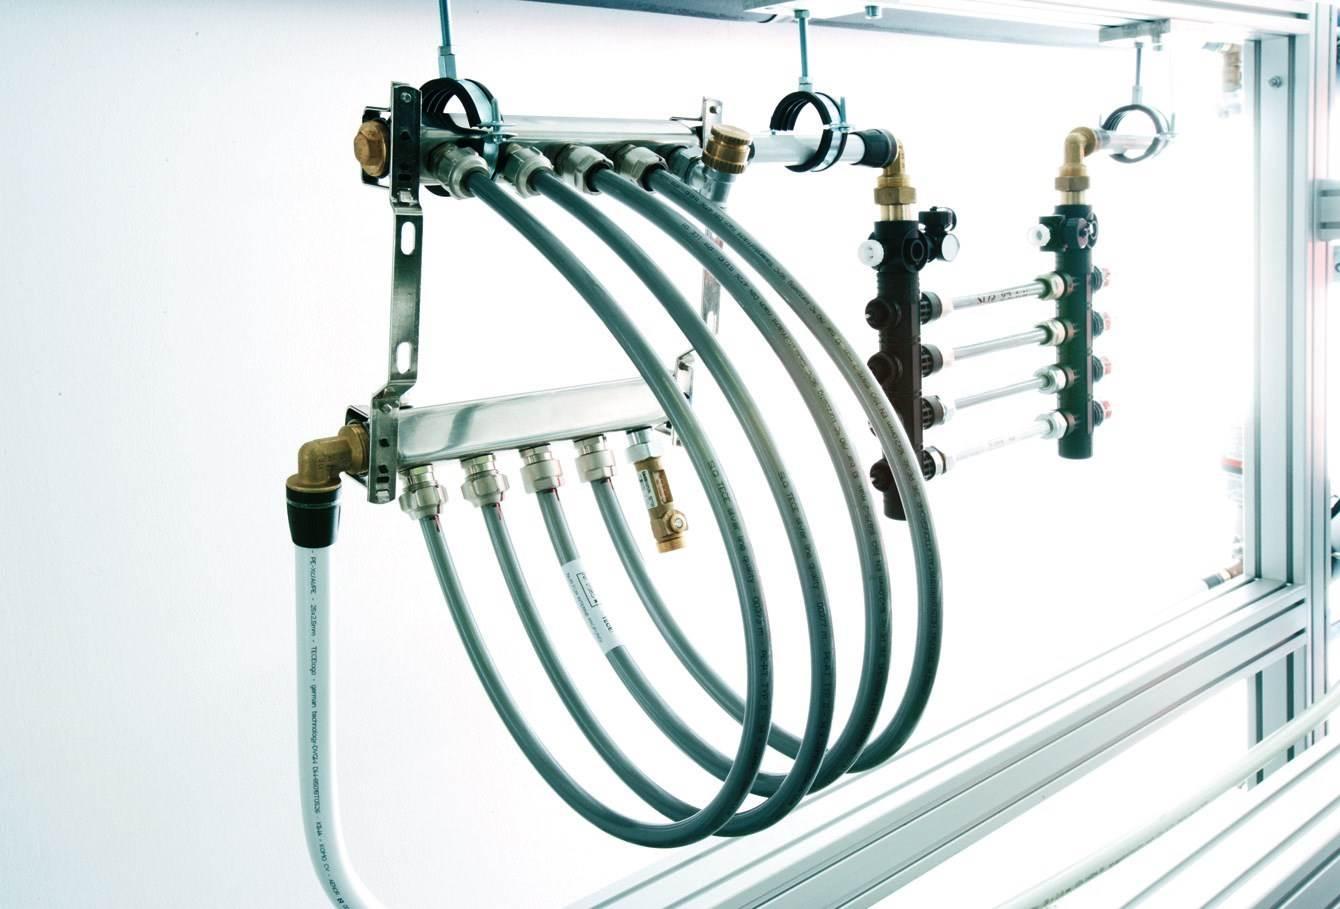 Fot. 5. Spektrum zastosowań rur warstwowych jest szerokie. Doskonale sprawdzają sięmiędzy innymi w instalacjach ogrzewania płaszczyznowego.